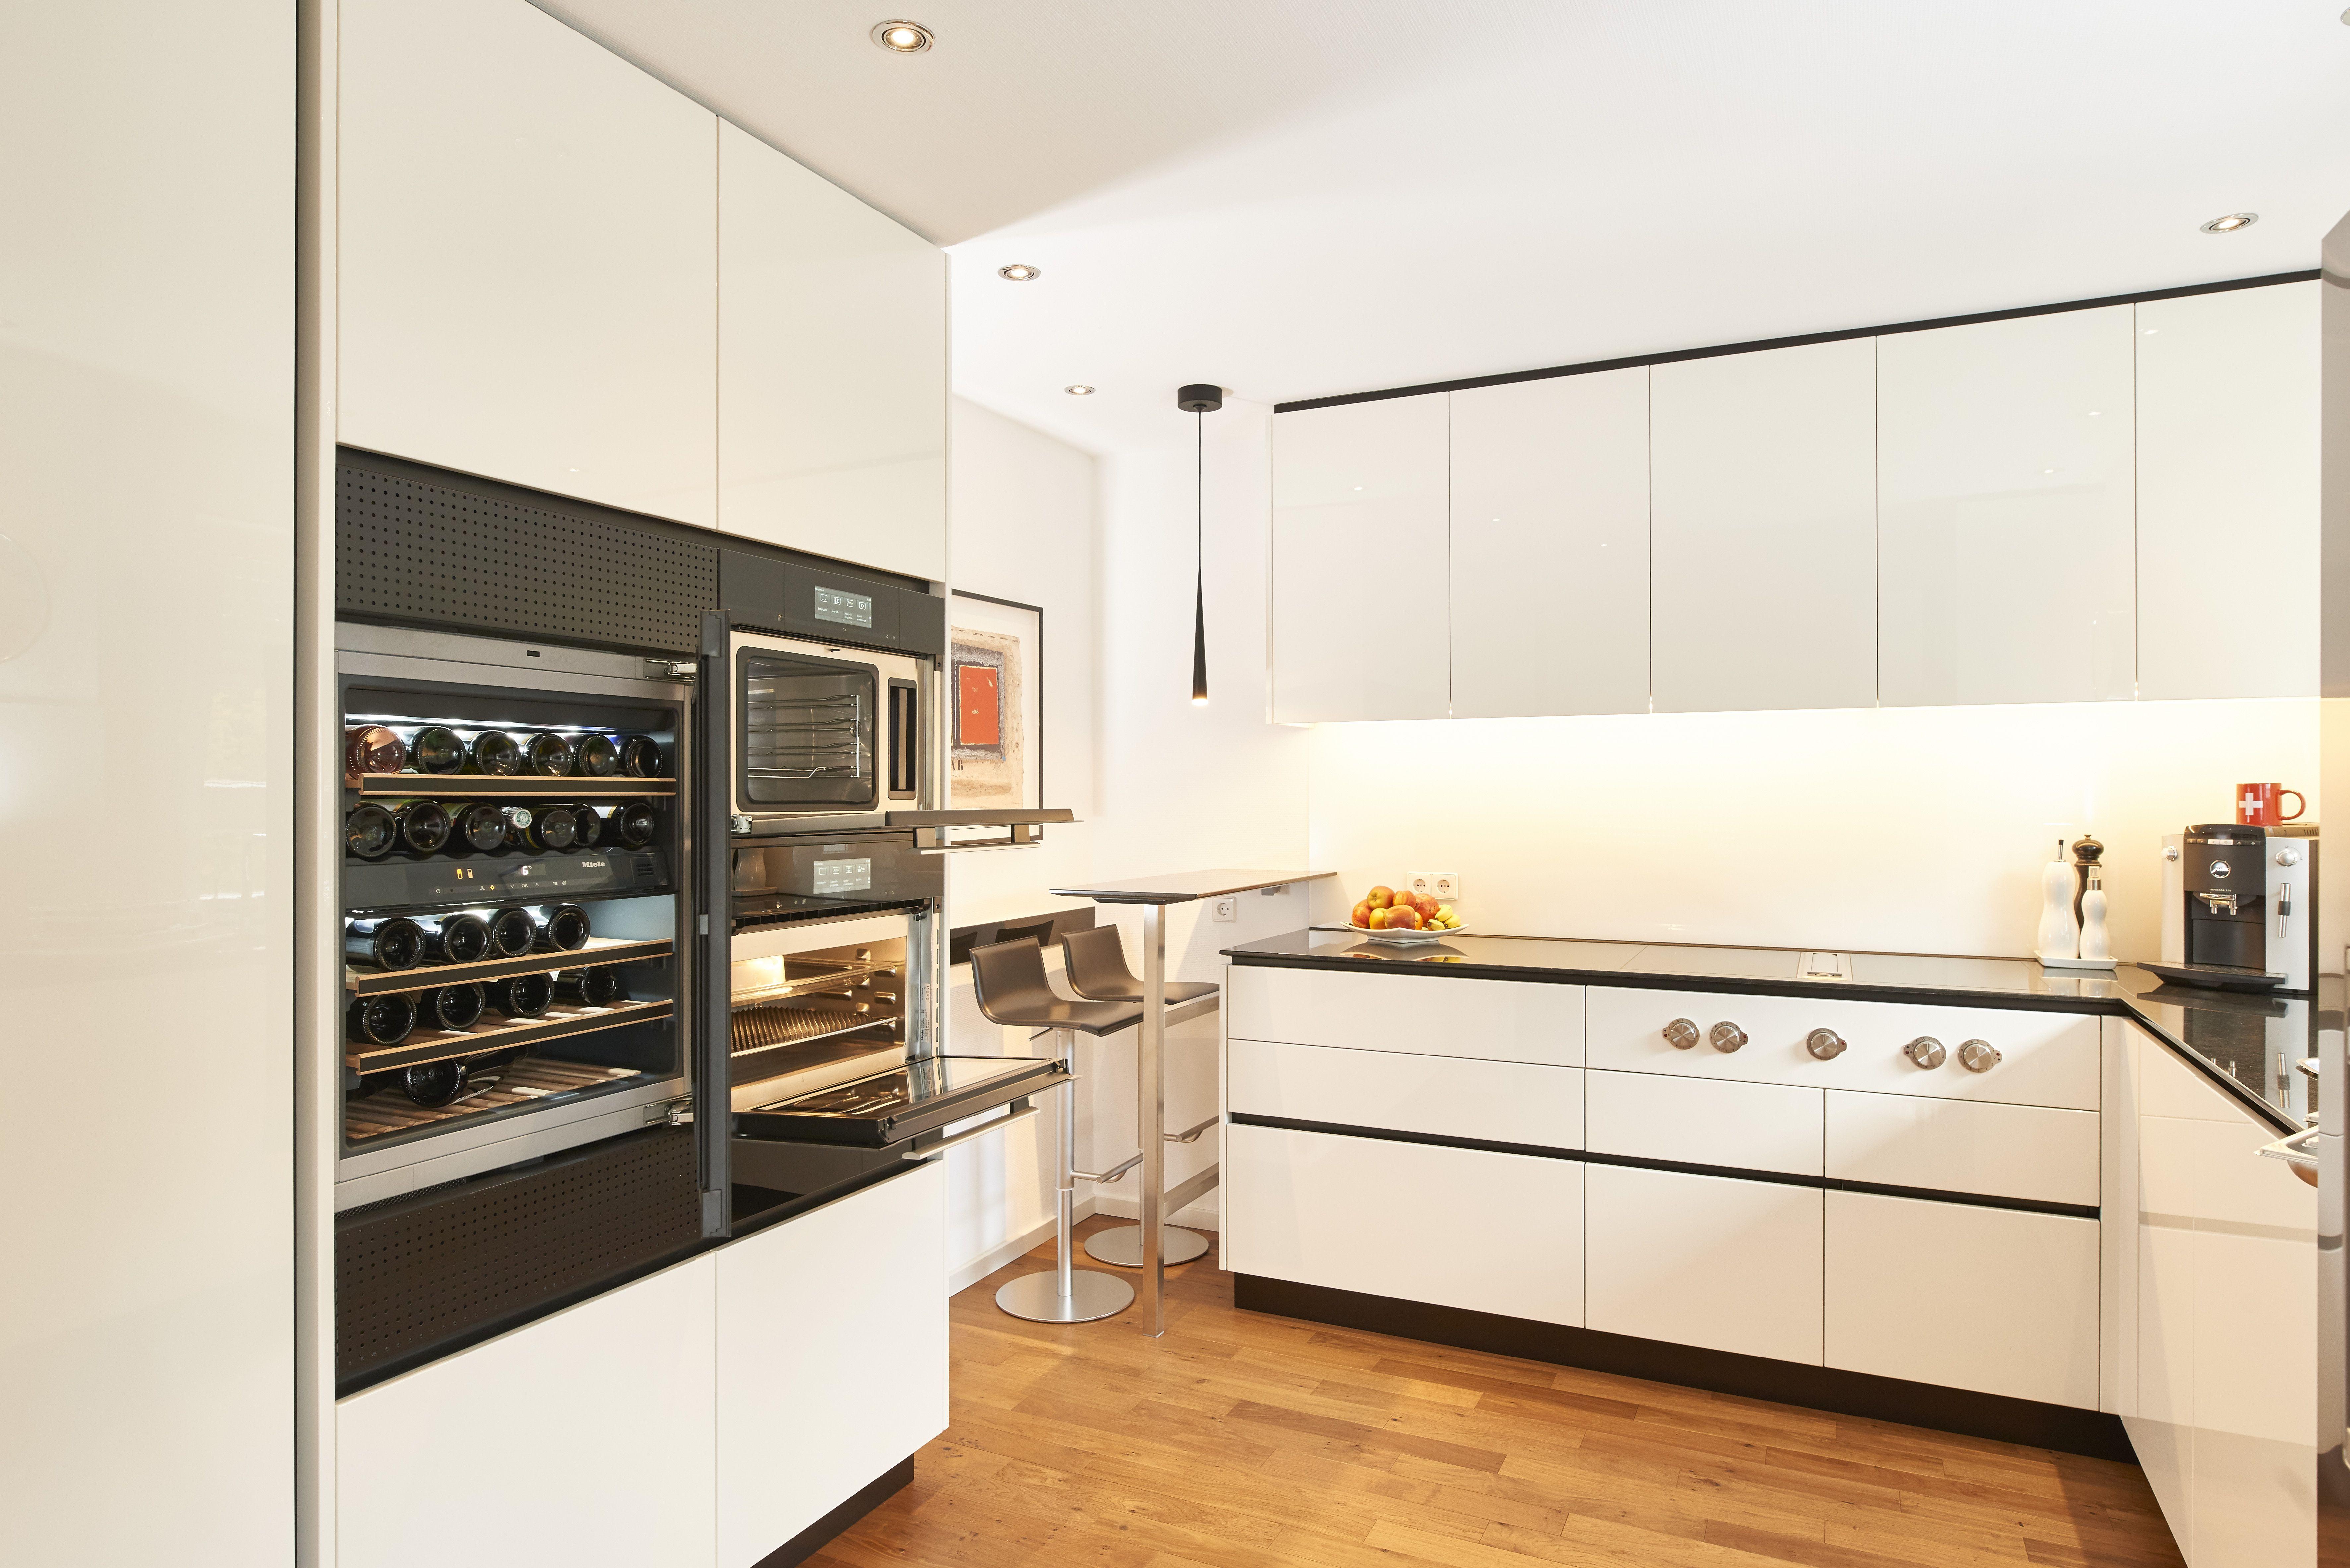 Schwarz Weisse Hochglanzlackierung Bestimmt Diese Kuche Die Arbeitsplatte Besteht Aus Schwarzem Granit Integrierte Led Beleuch Kuche Moderne Kuche Einbaukuche